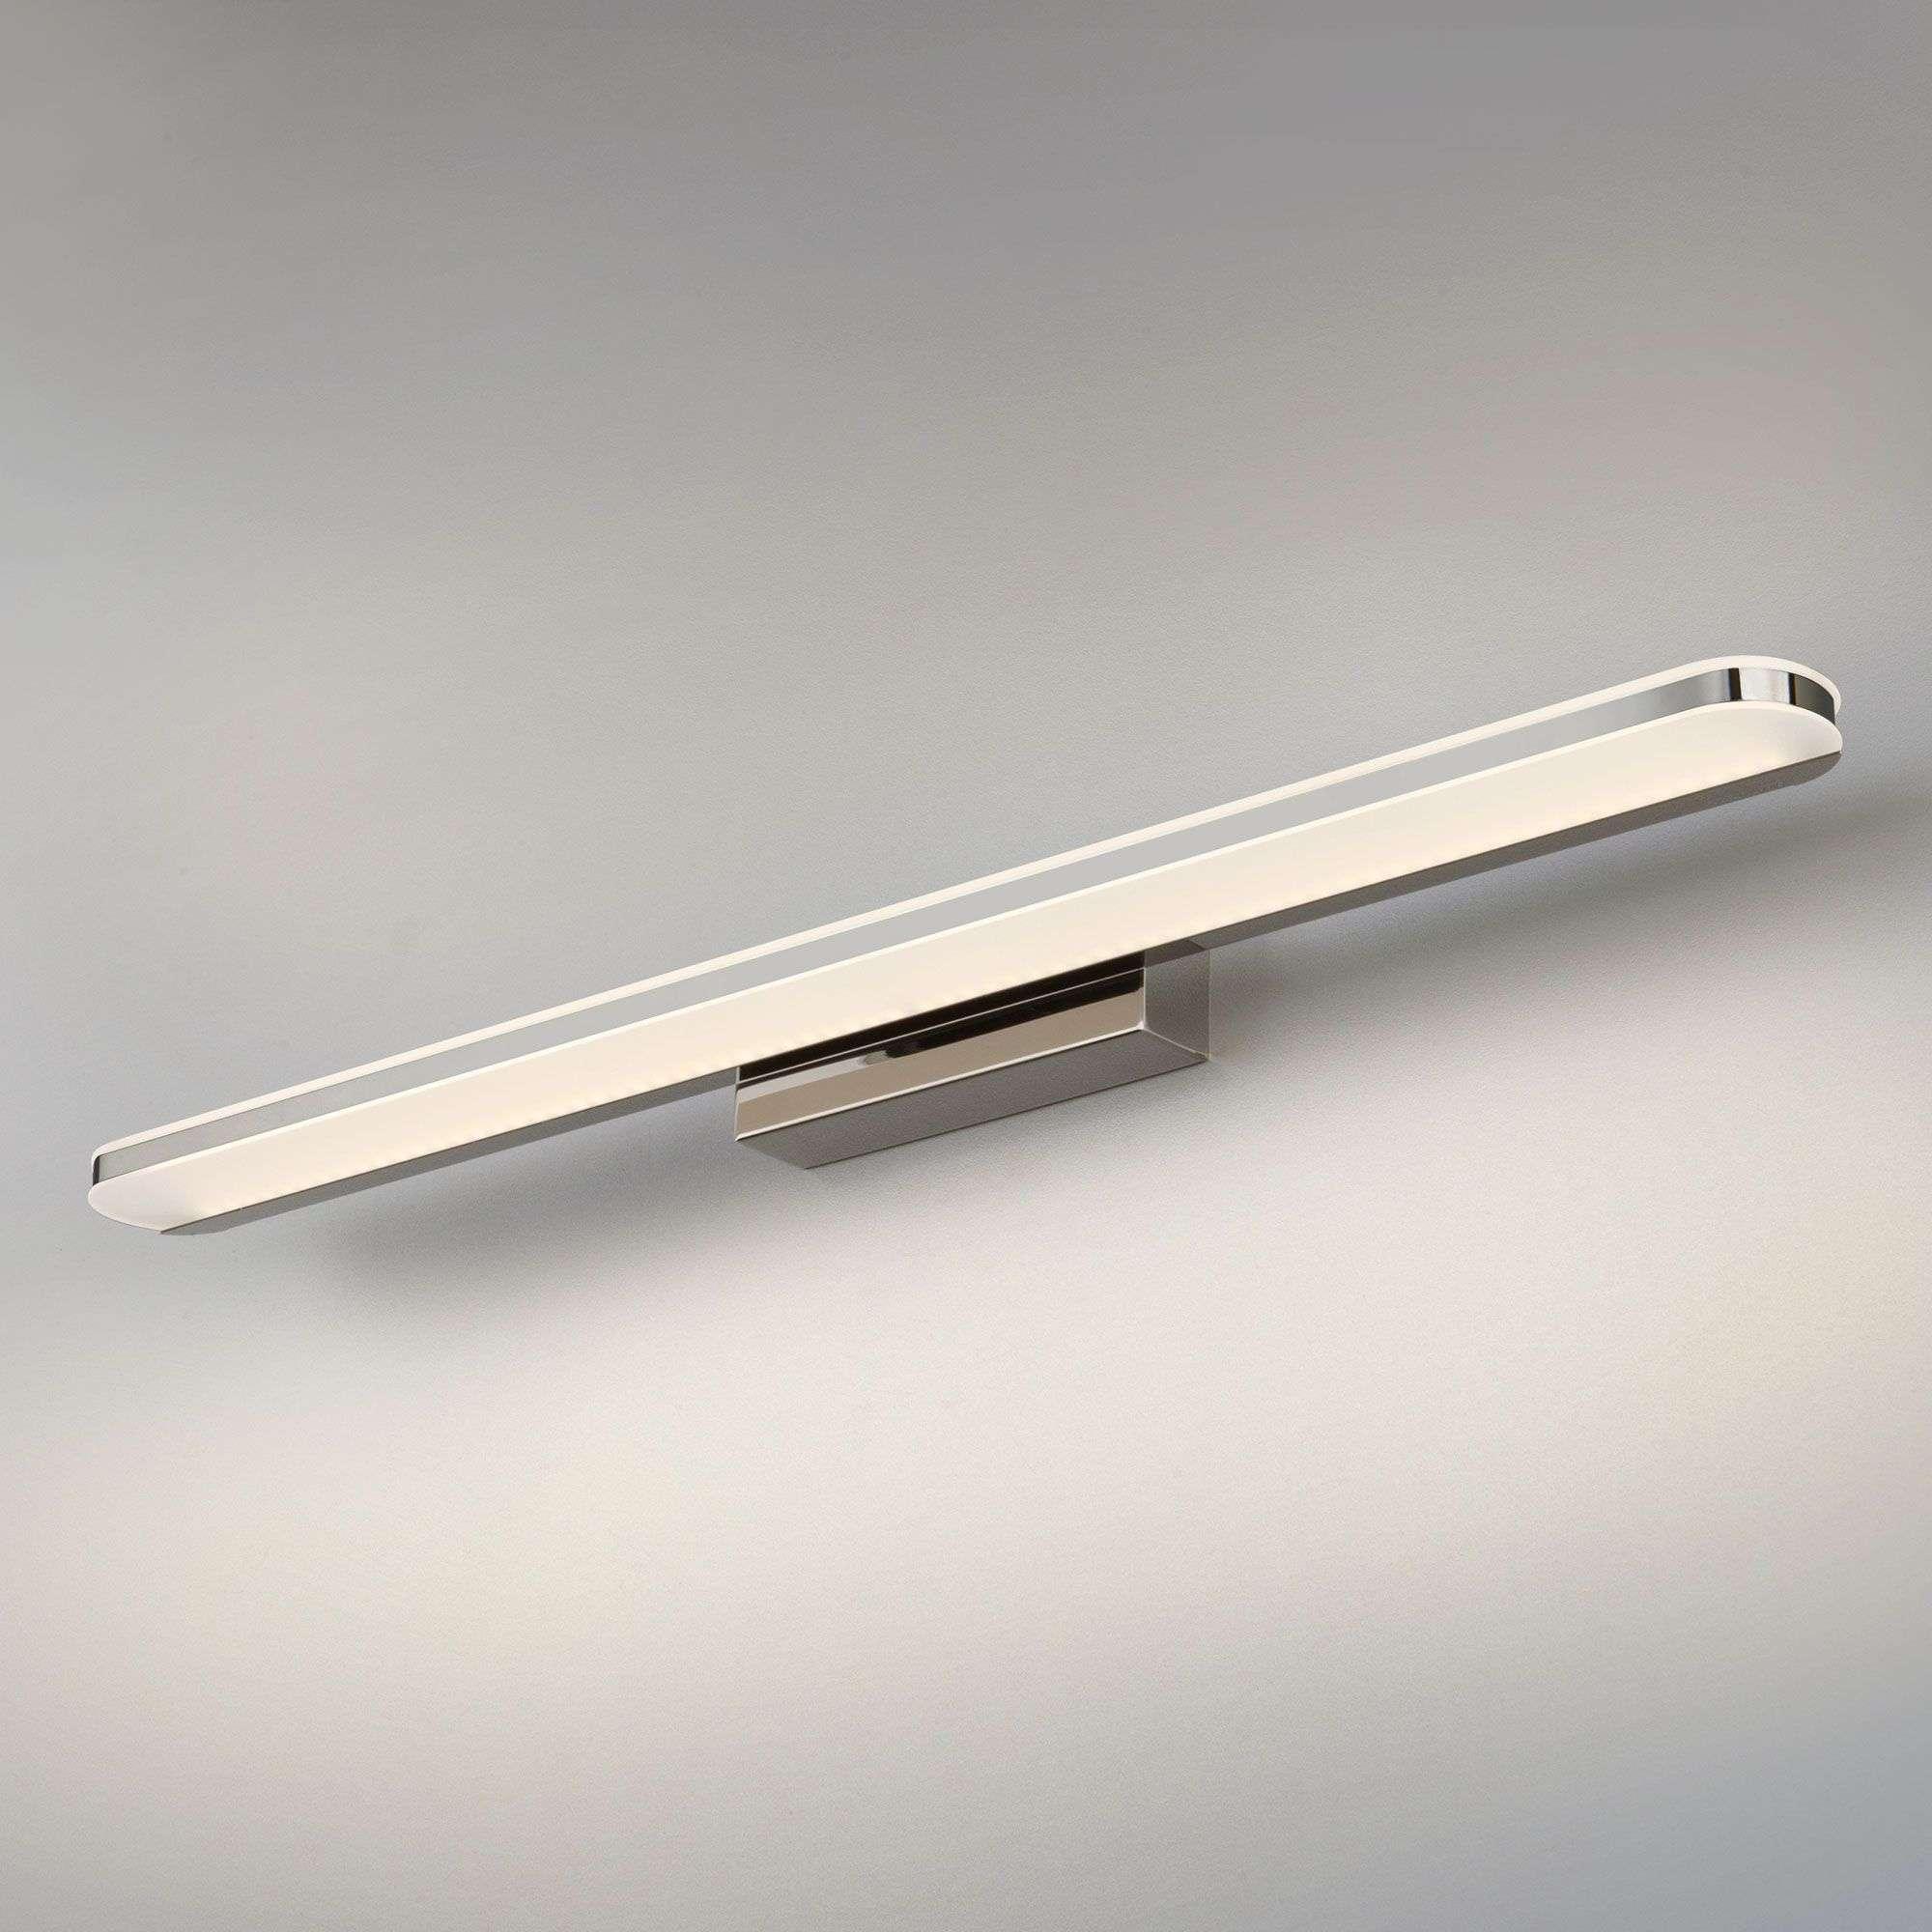 Настенный светодиодный светильник Tersa MRL LED 1080